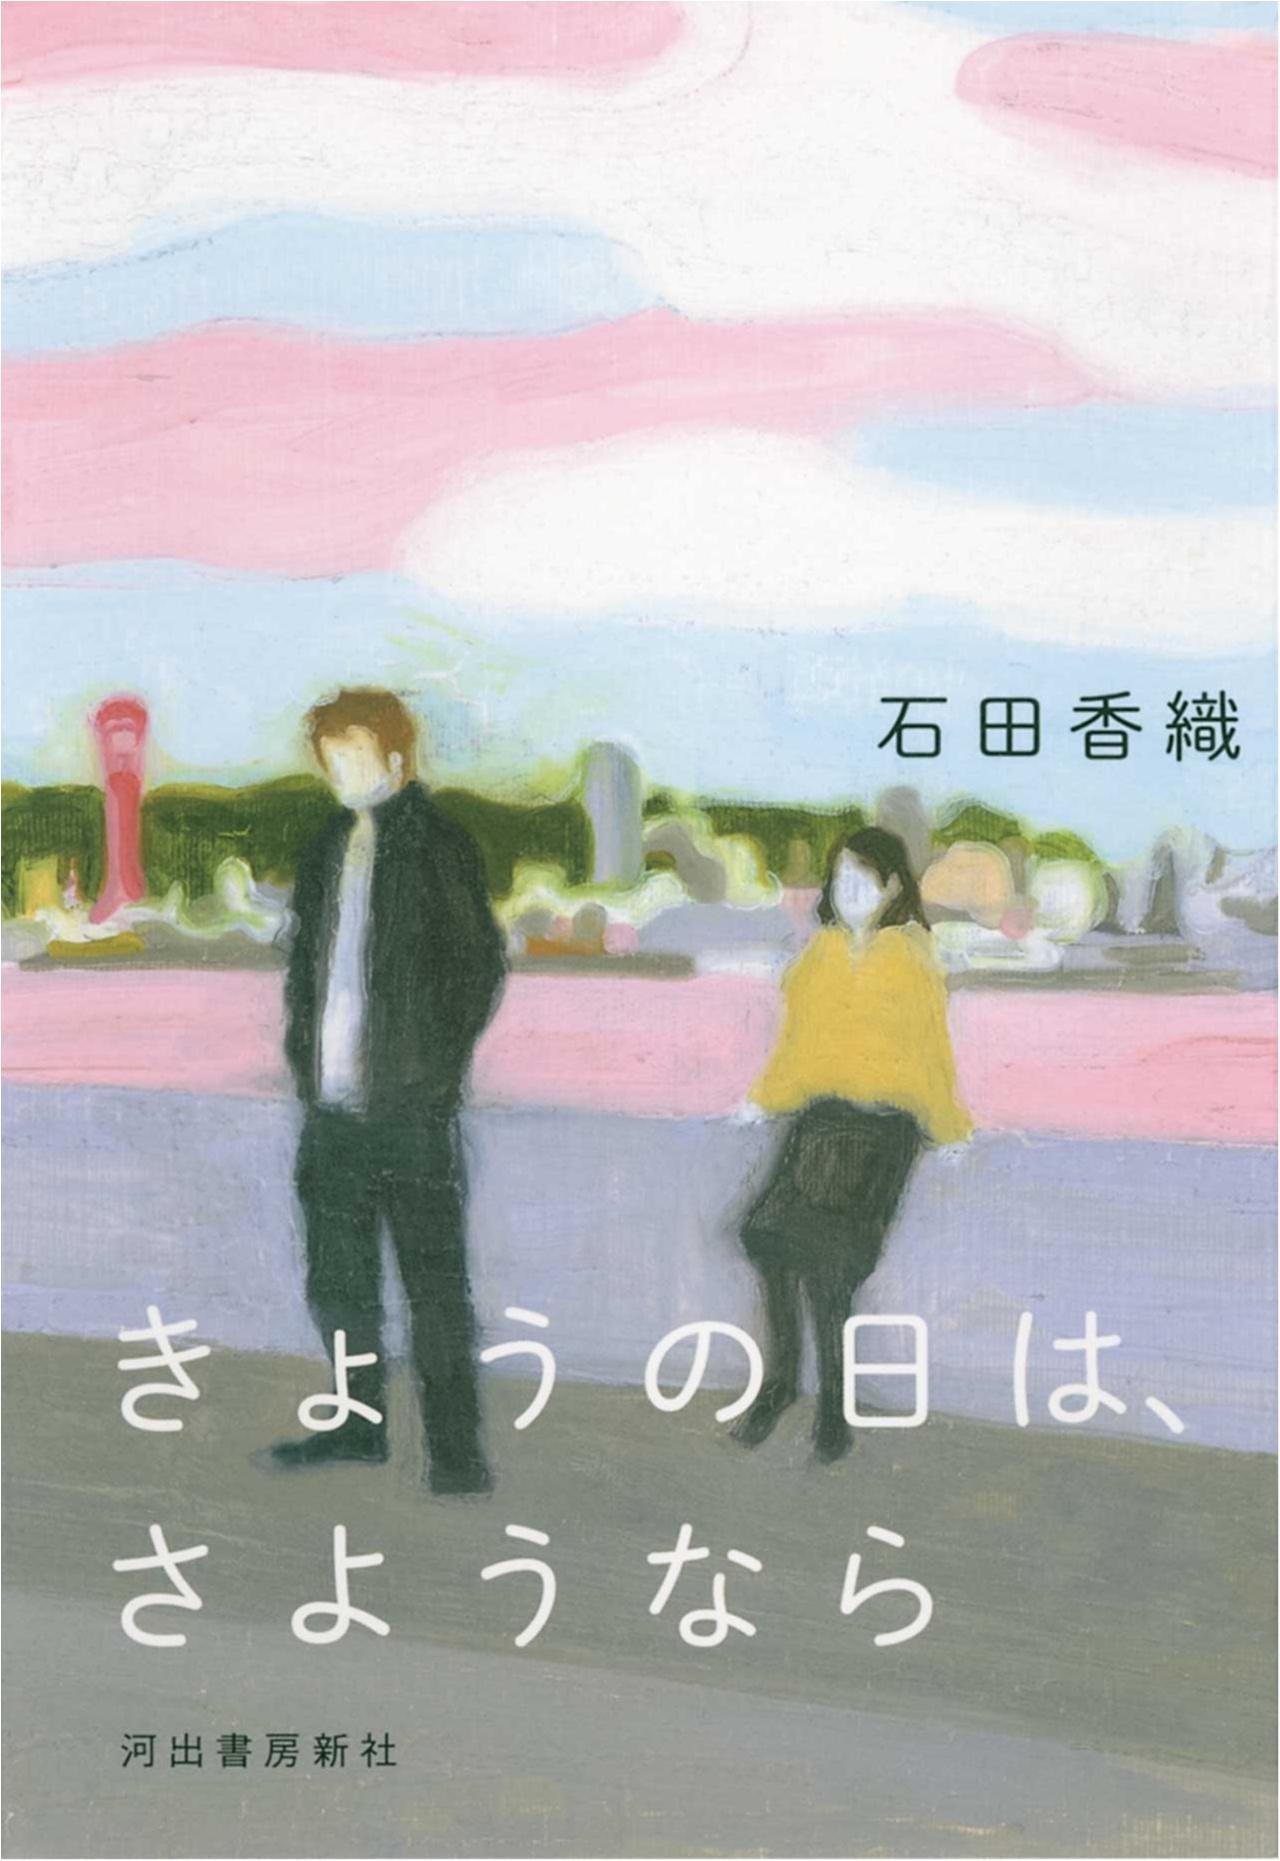 やさしくせつない人間賛歌。石田香織さんの『きょうの日は、さようなら』 【今月のイチオシ★BOOK】_1